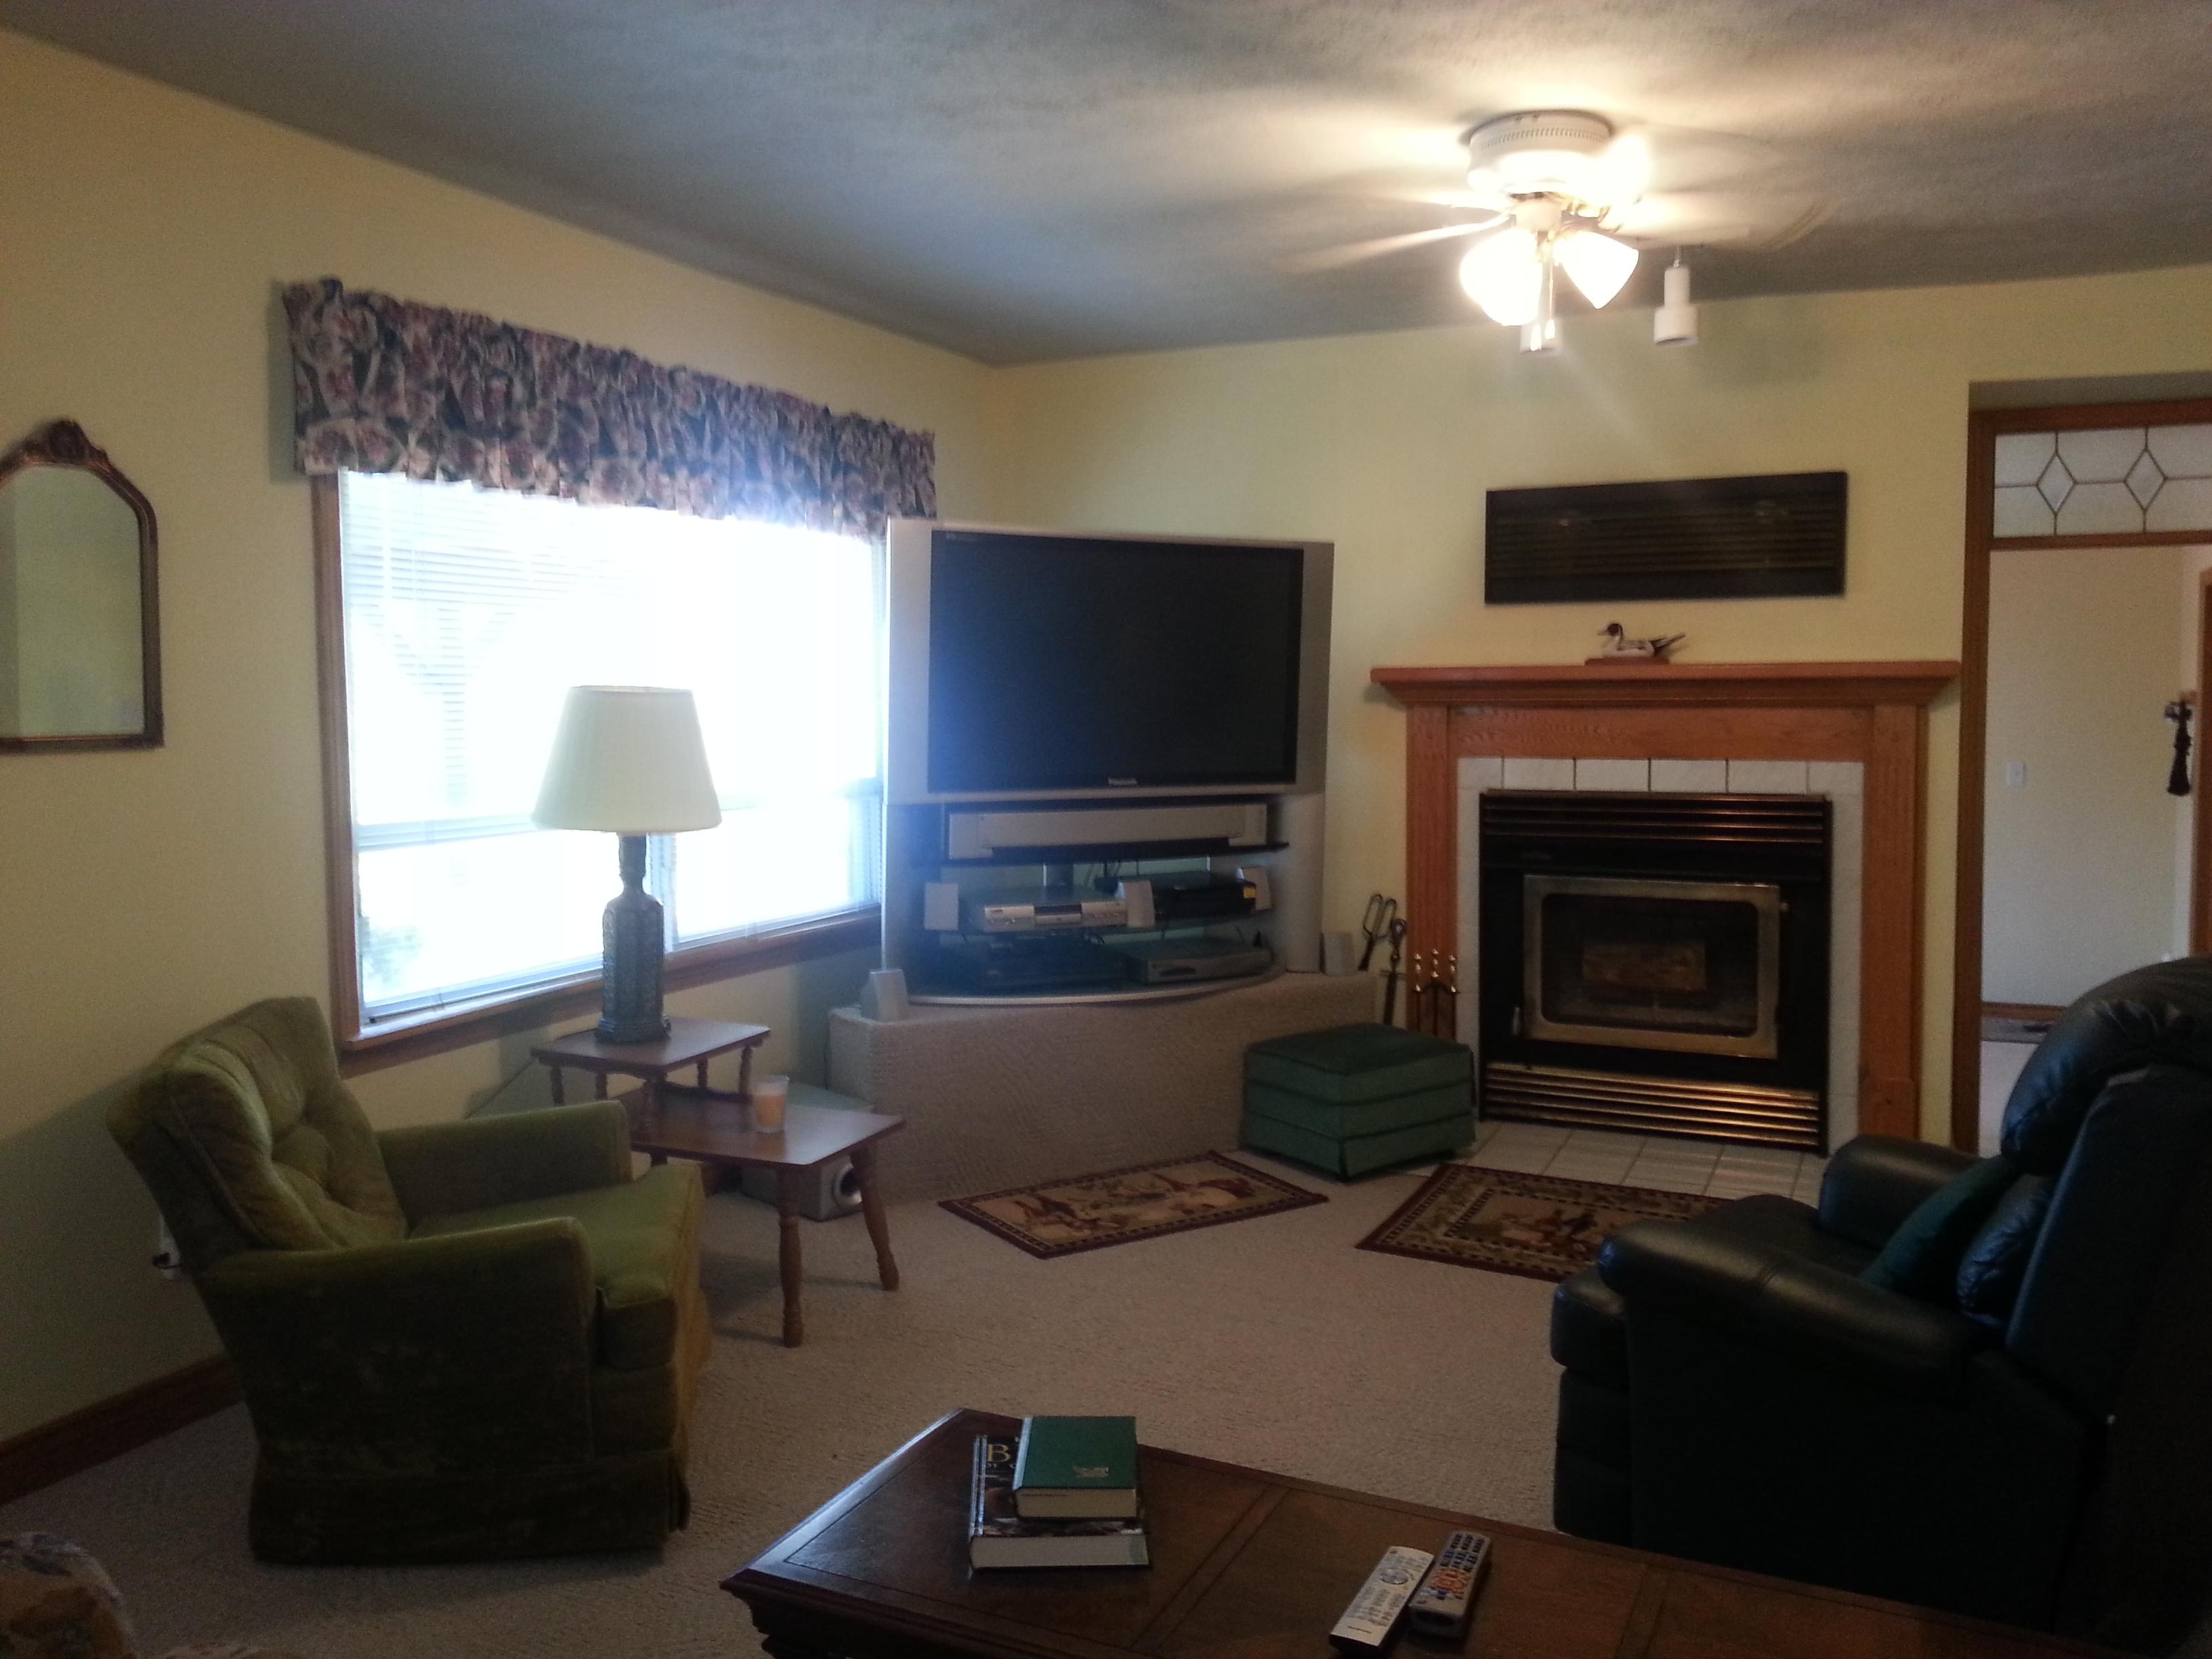 Private Room Rental Windsor Ontario